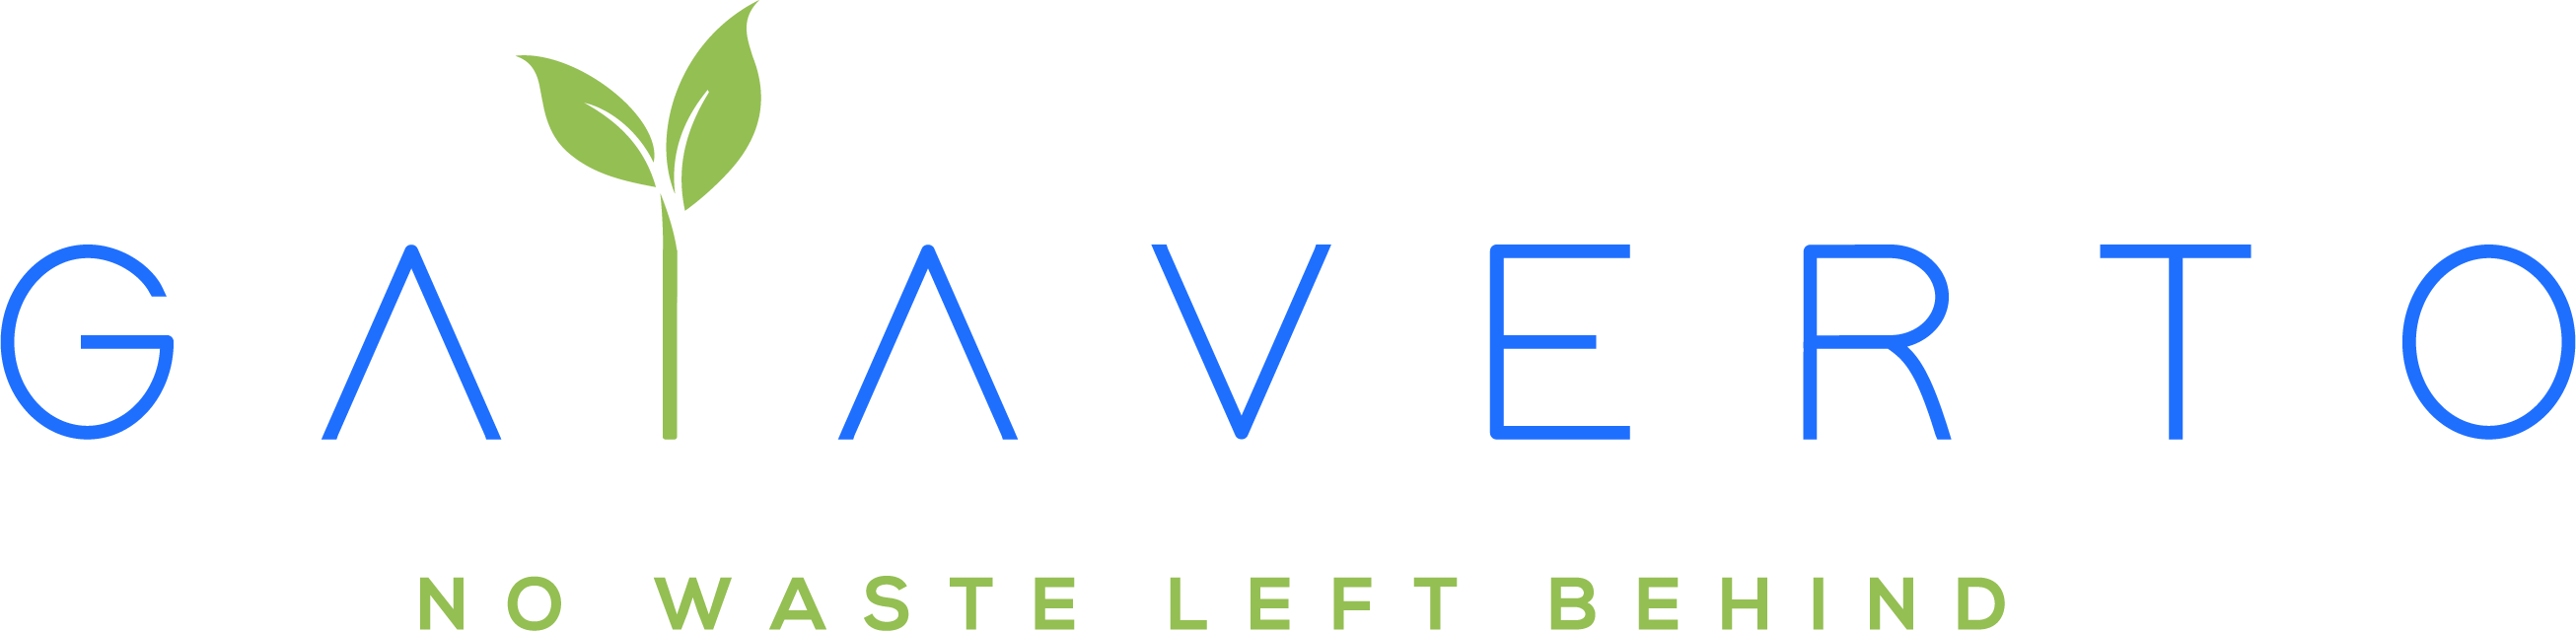 GaiaVerto logo